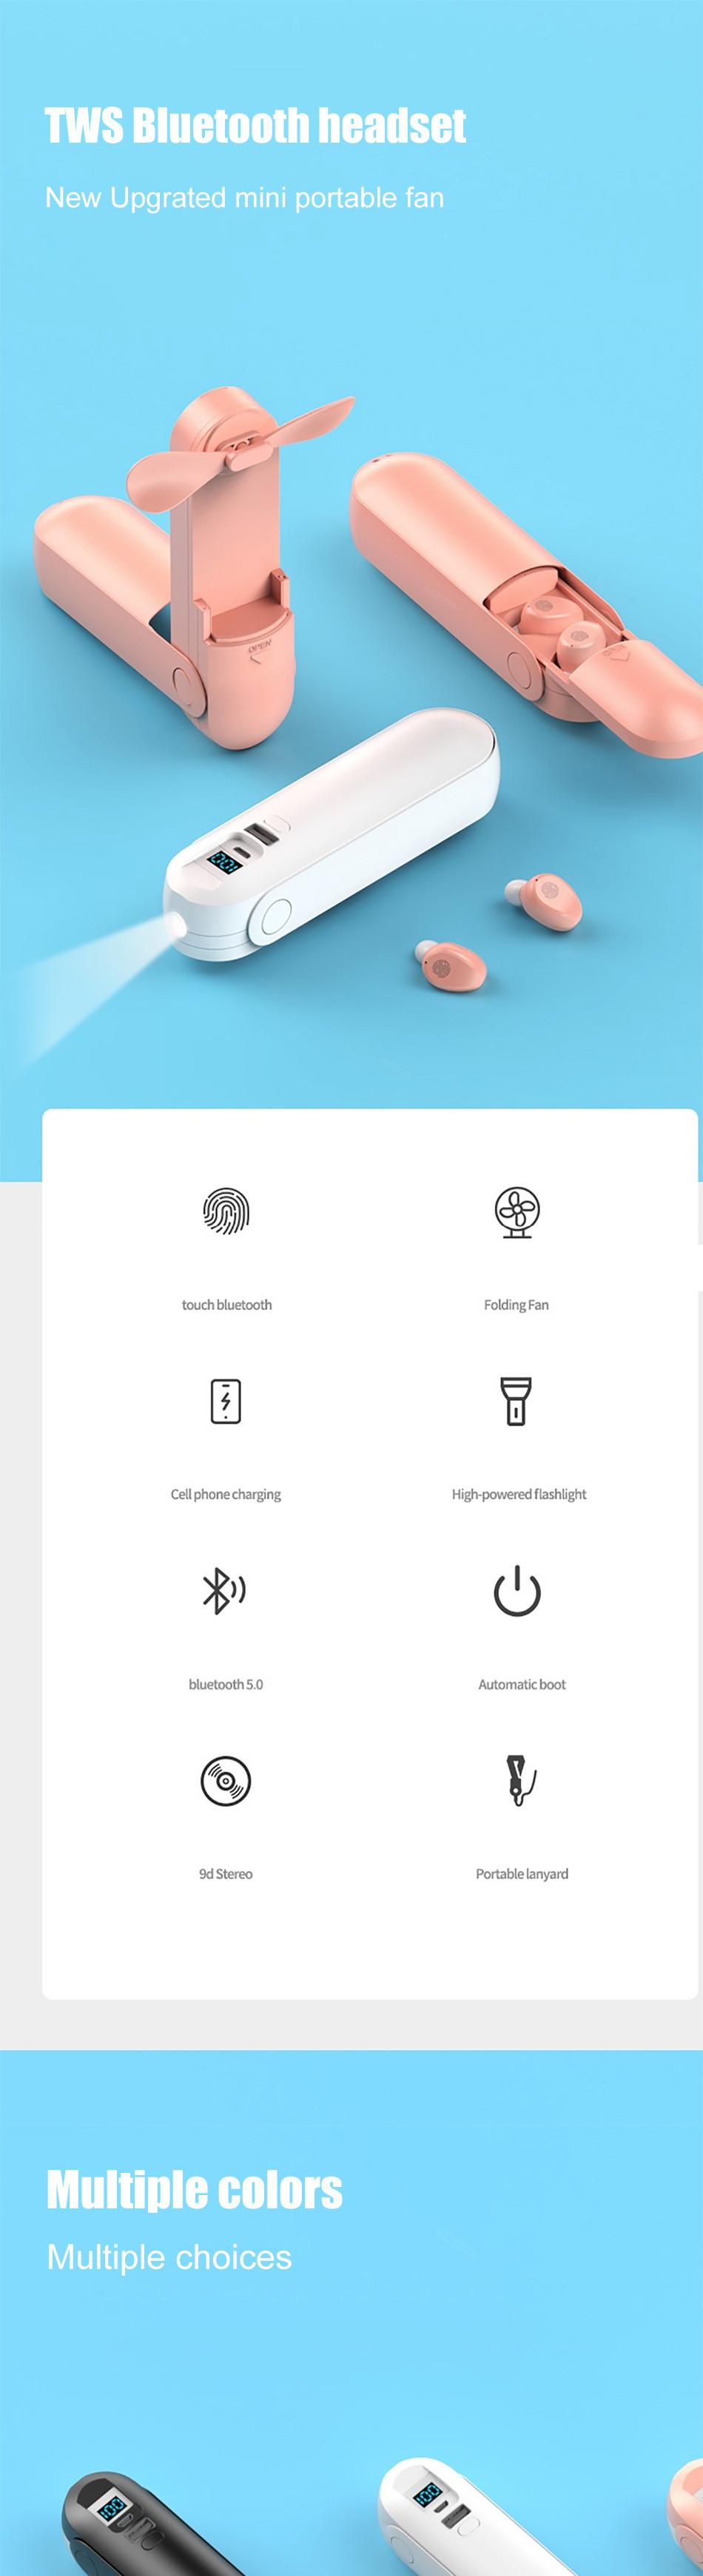 2020 New Arrival F7 Wireless Headphones TWS Sport Bluetooth 5.0 Earphones In-ear 9D Noise Reduction HiFi IPX5 Waterproof Headset 0